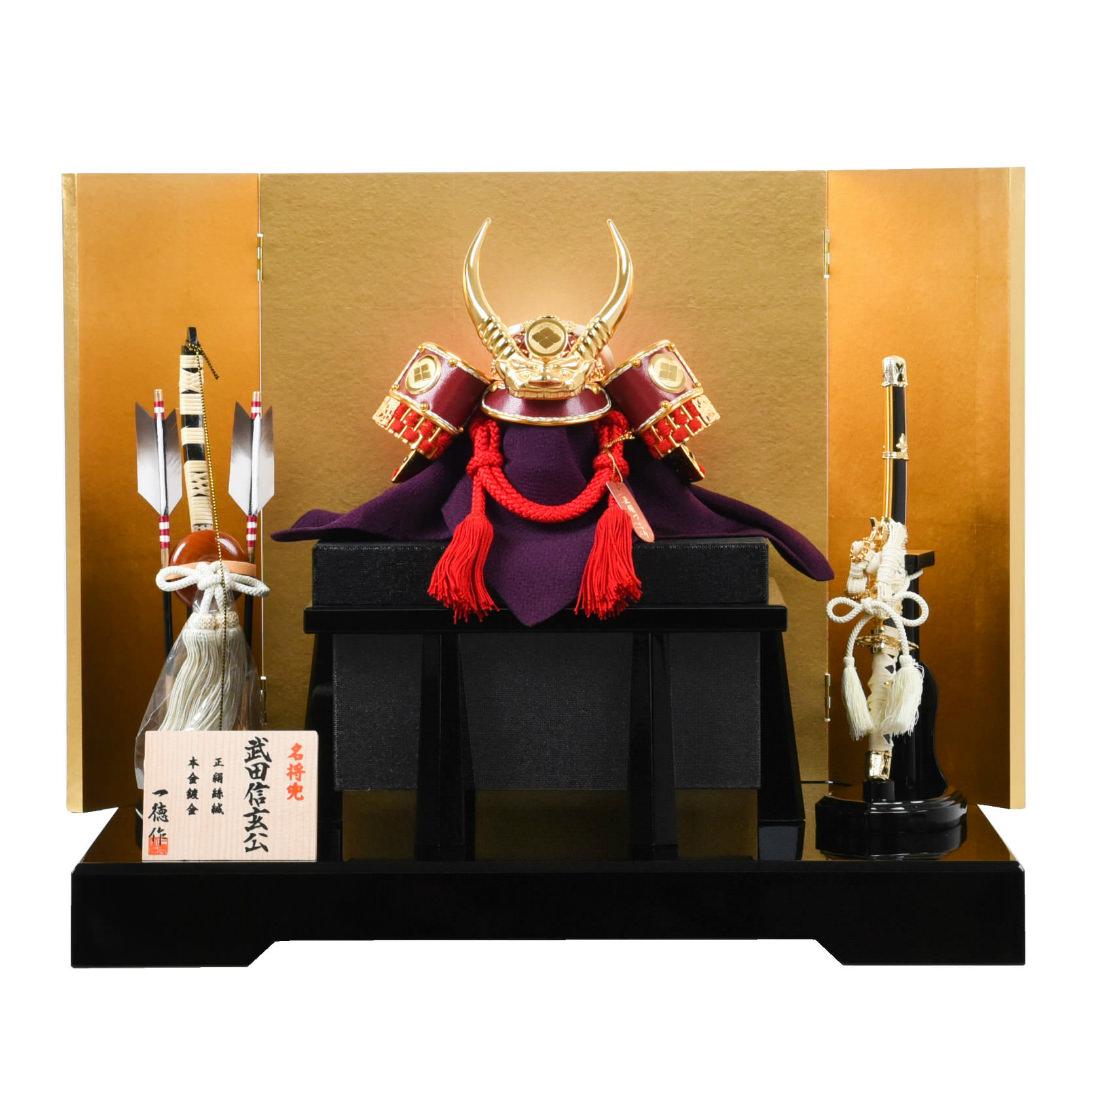 五月節句 男の子 五月人形 兜飾り 『武田信玄』 金箔押し屏風